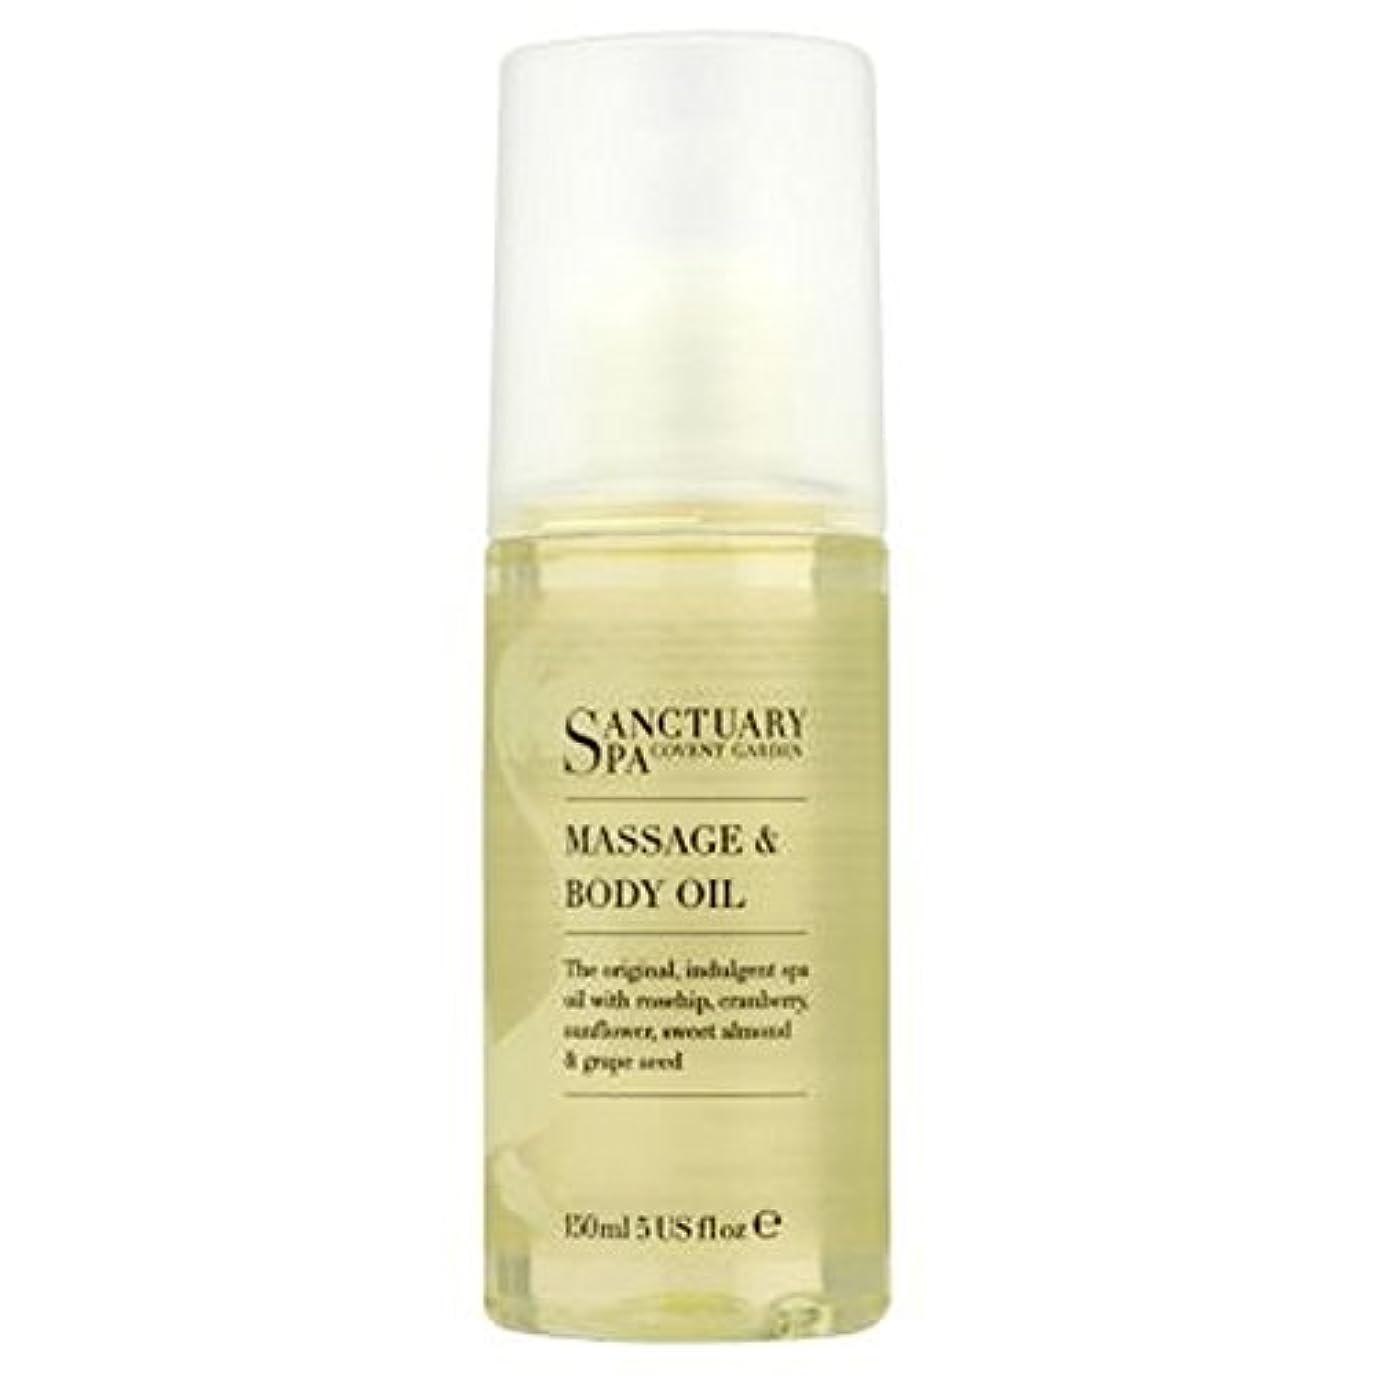 落ち着いた道を作る酸Sanctuary Daily Spa Escape Massage and Body Oil - 150ml - 聖域毎日のスパエスケープマッサージやボディオイル - 150ミリリットル (Sanctuary) [並行輸入品]